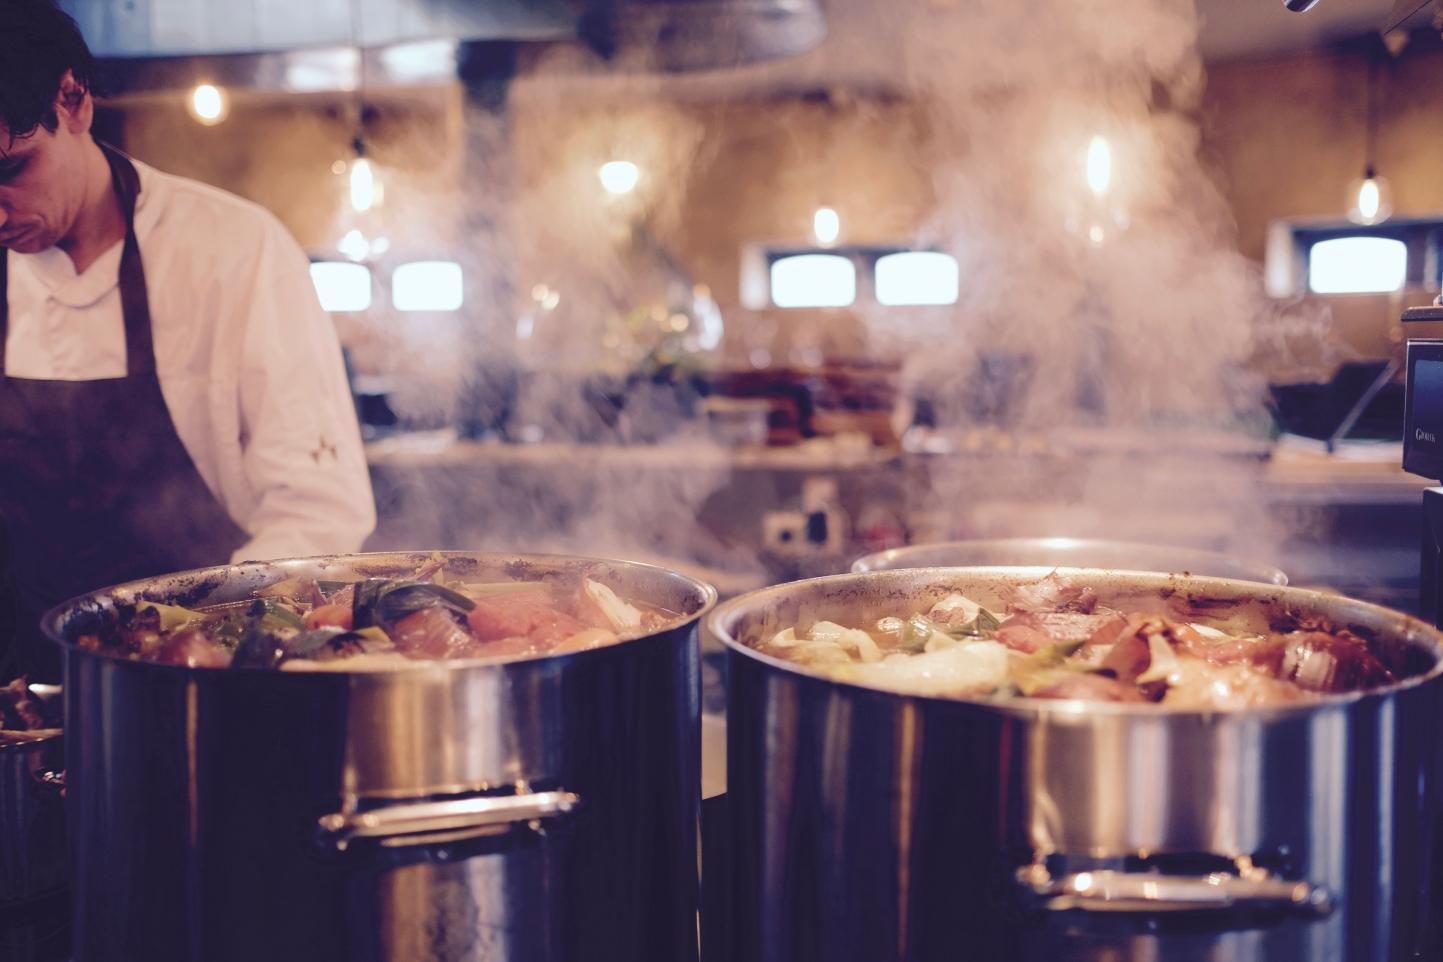 Kochen in der Großküche spart bis zu 90% Energie